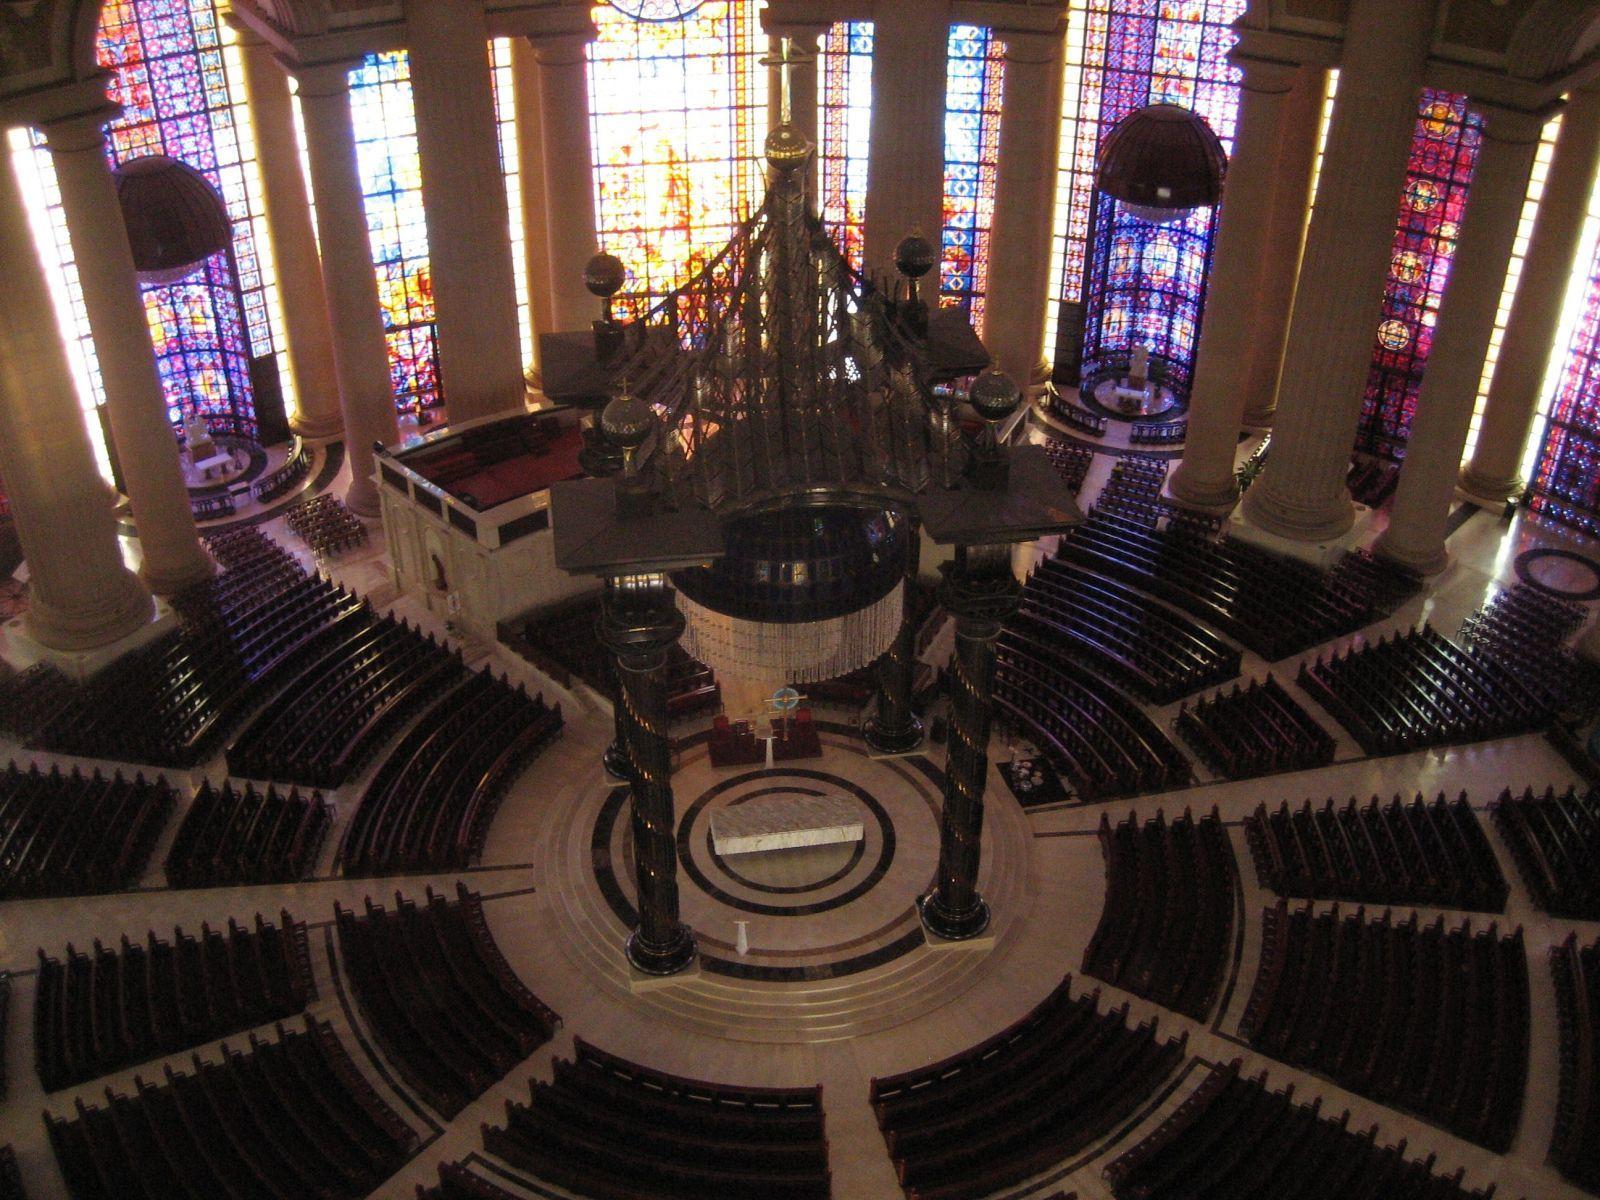 interiér - Basilika Notre Dame de la Paix, Yamoussoukro, Pobřeží slonoviny